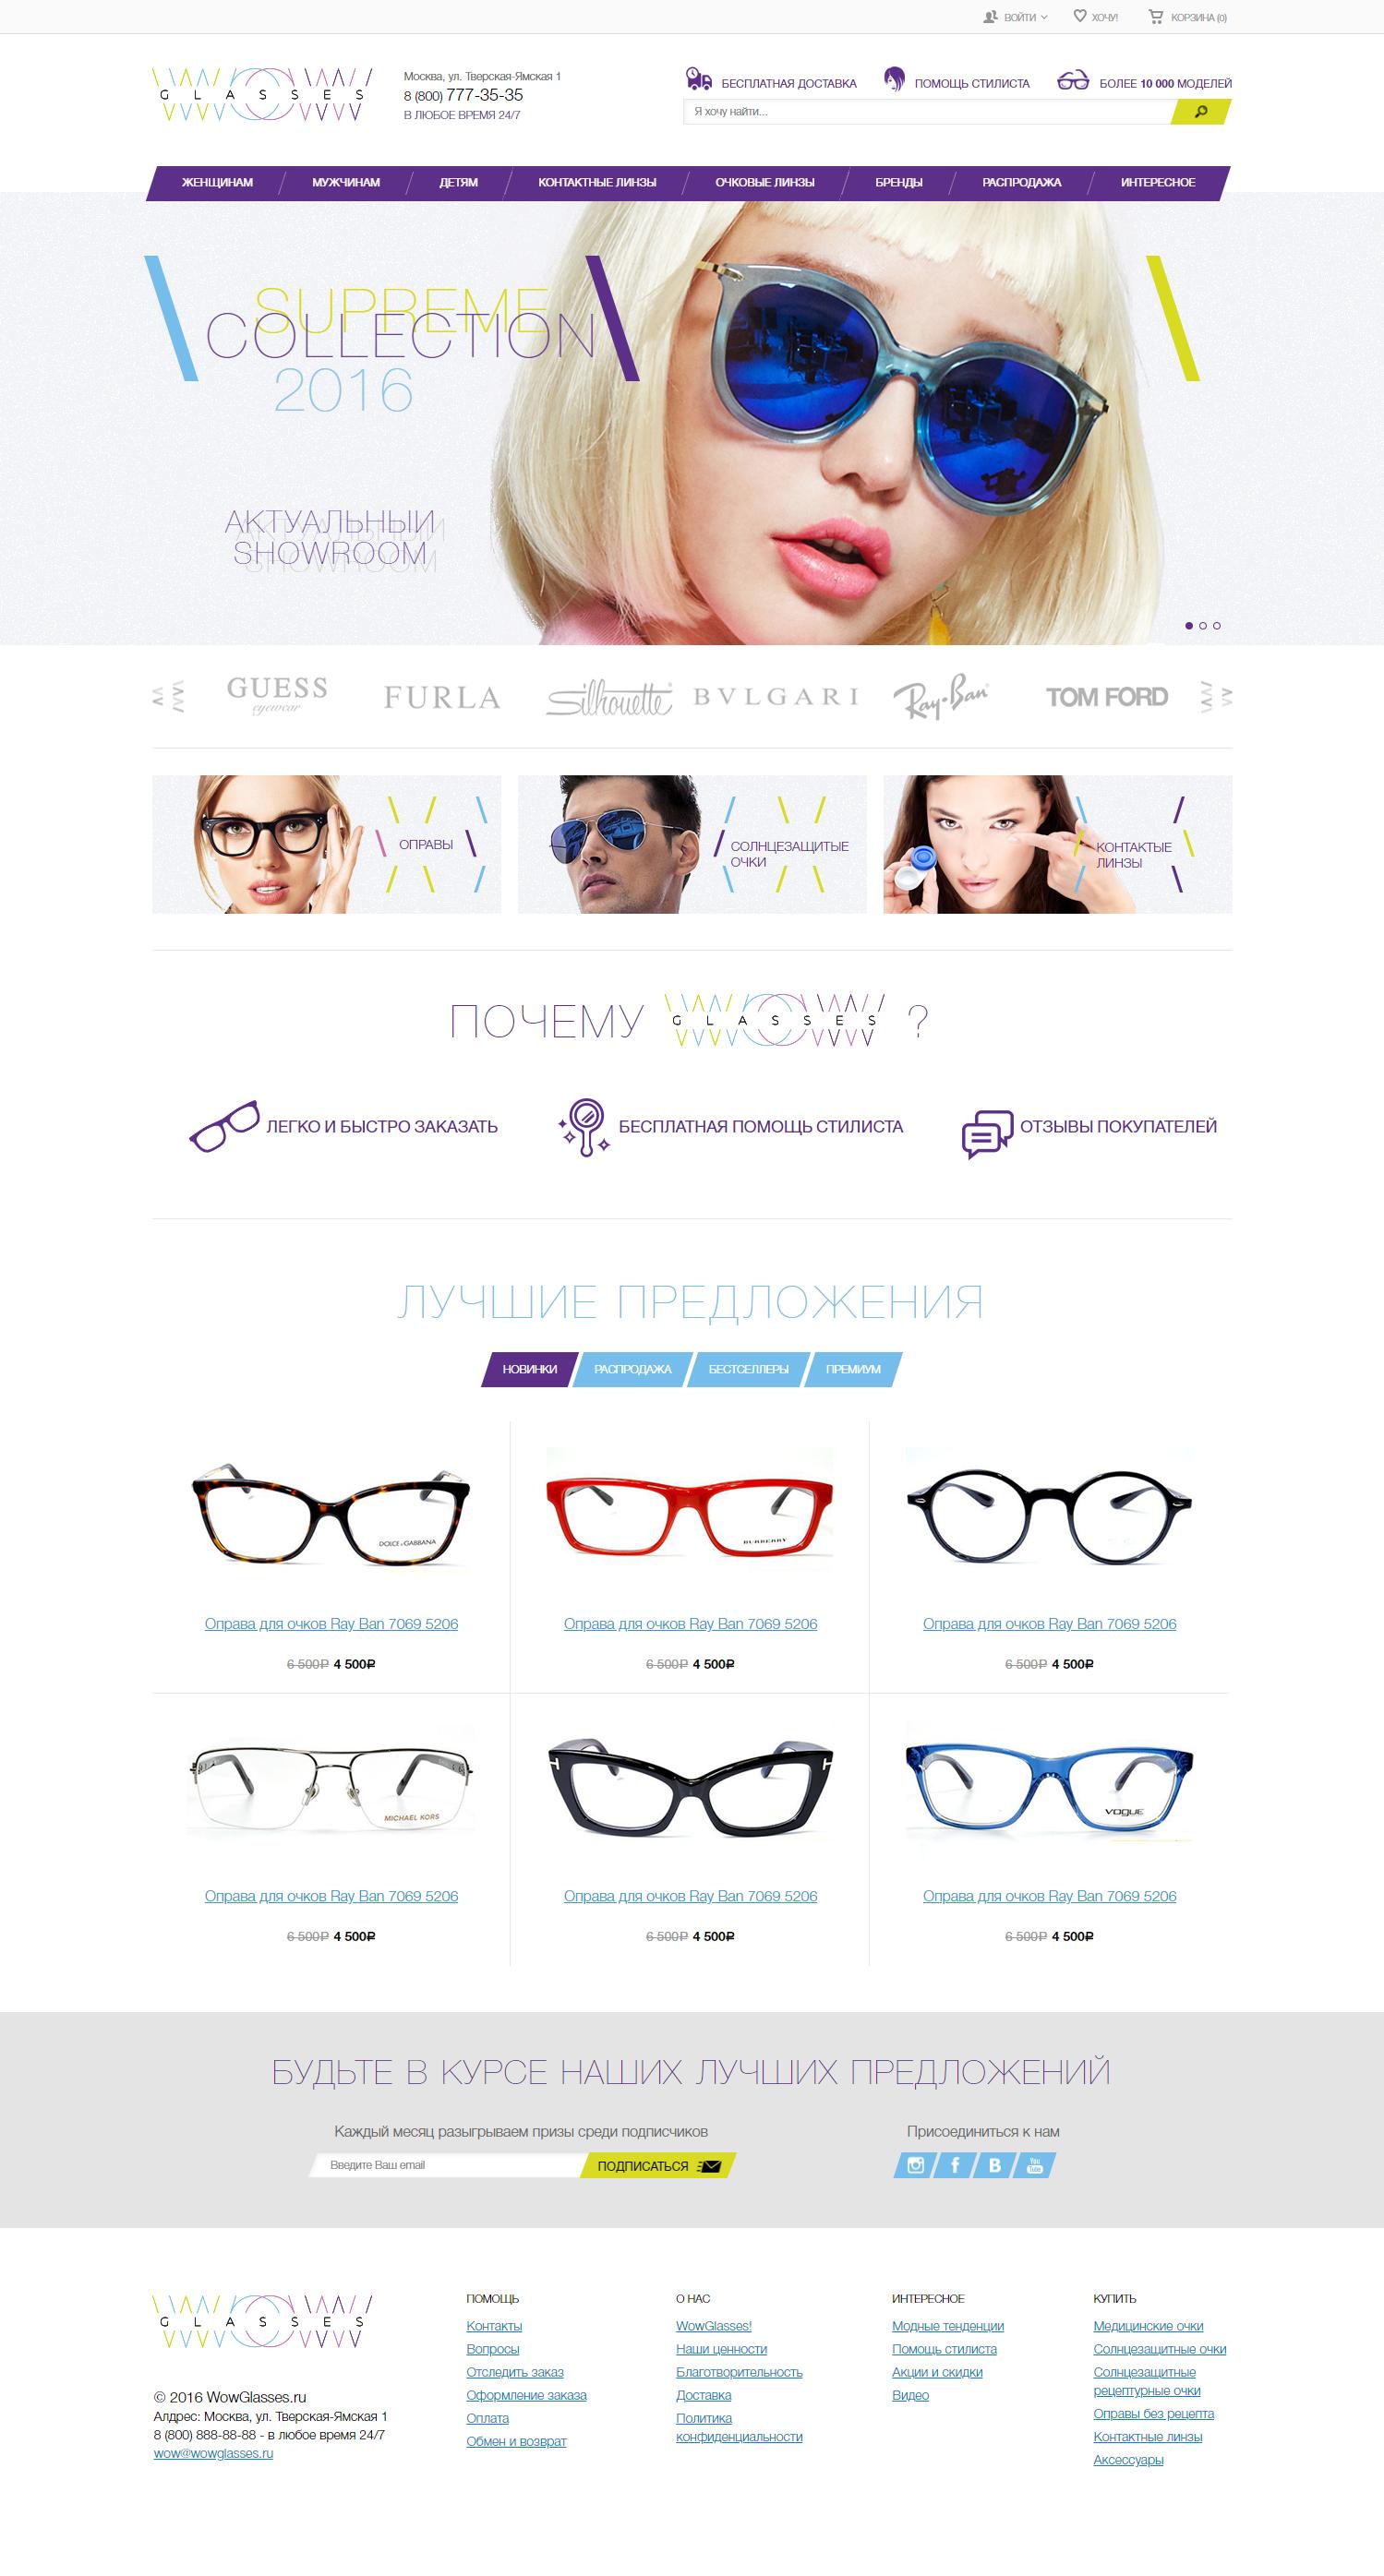 WOWglasses - интернет магазин очков, контактных линз и других товаров для зрения